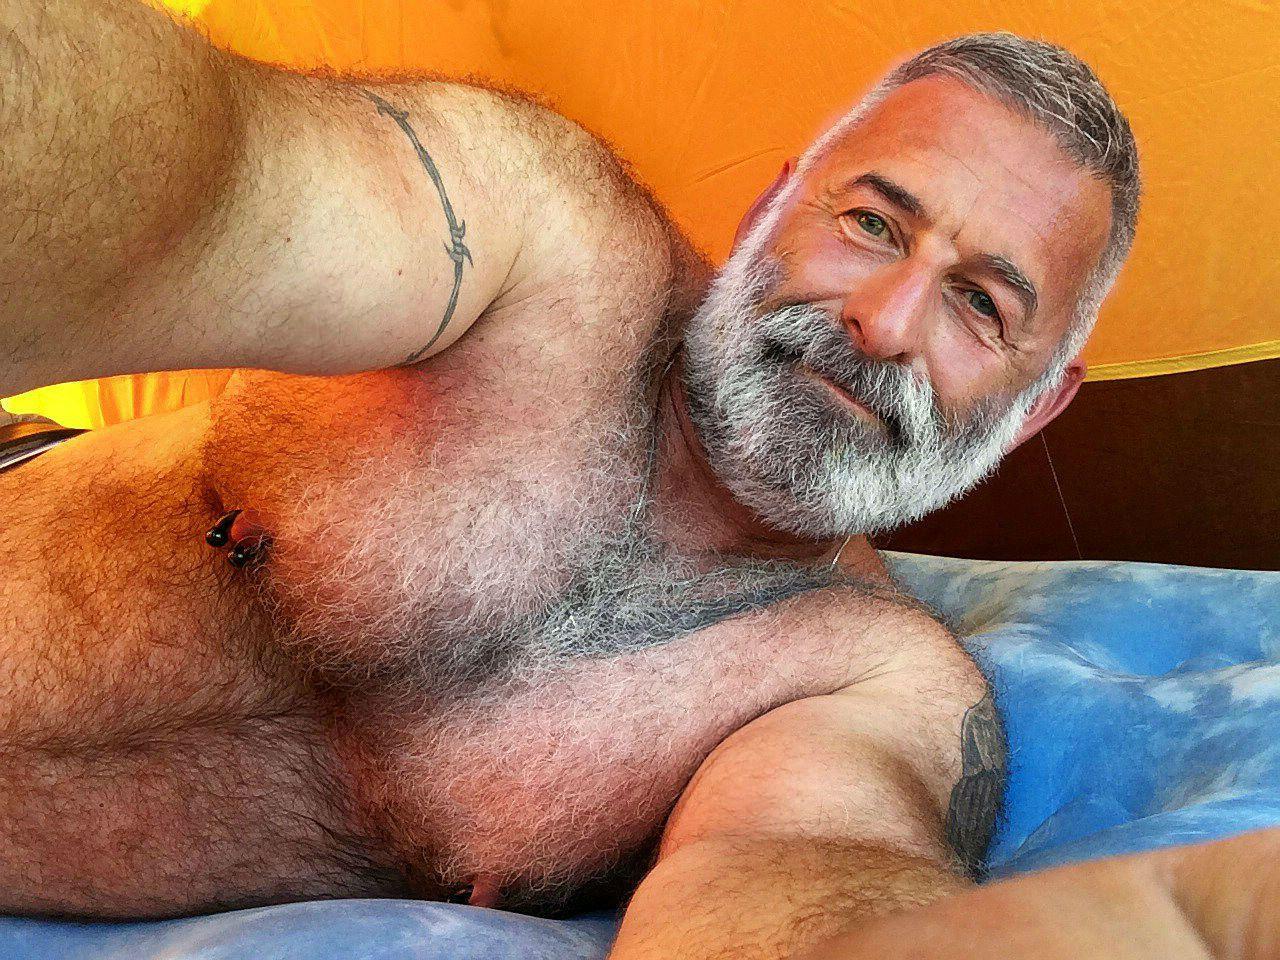 Фото волосатый дед, Старый толстый бородатый дед. Волосатая грудь 24 фотография